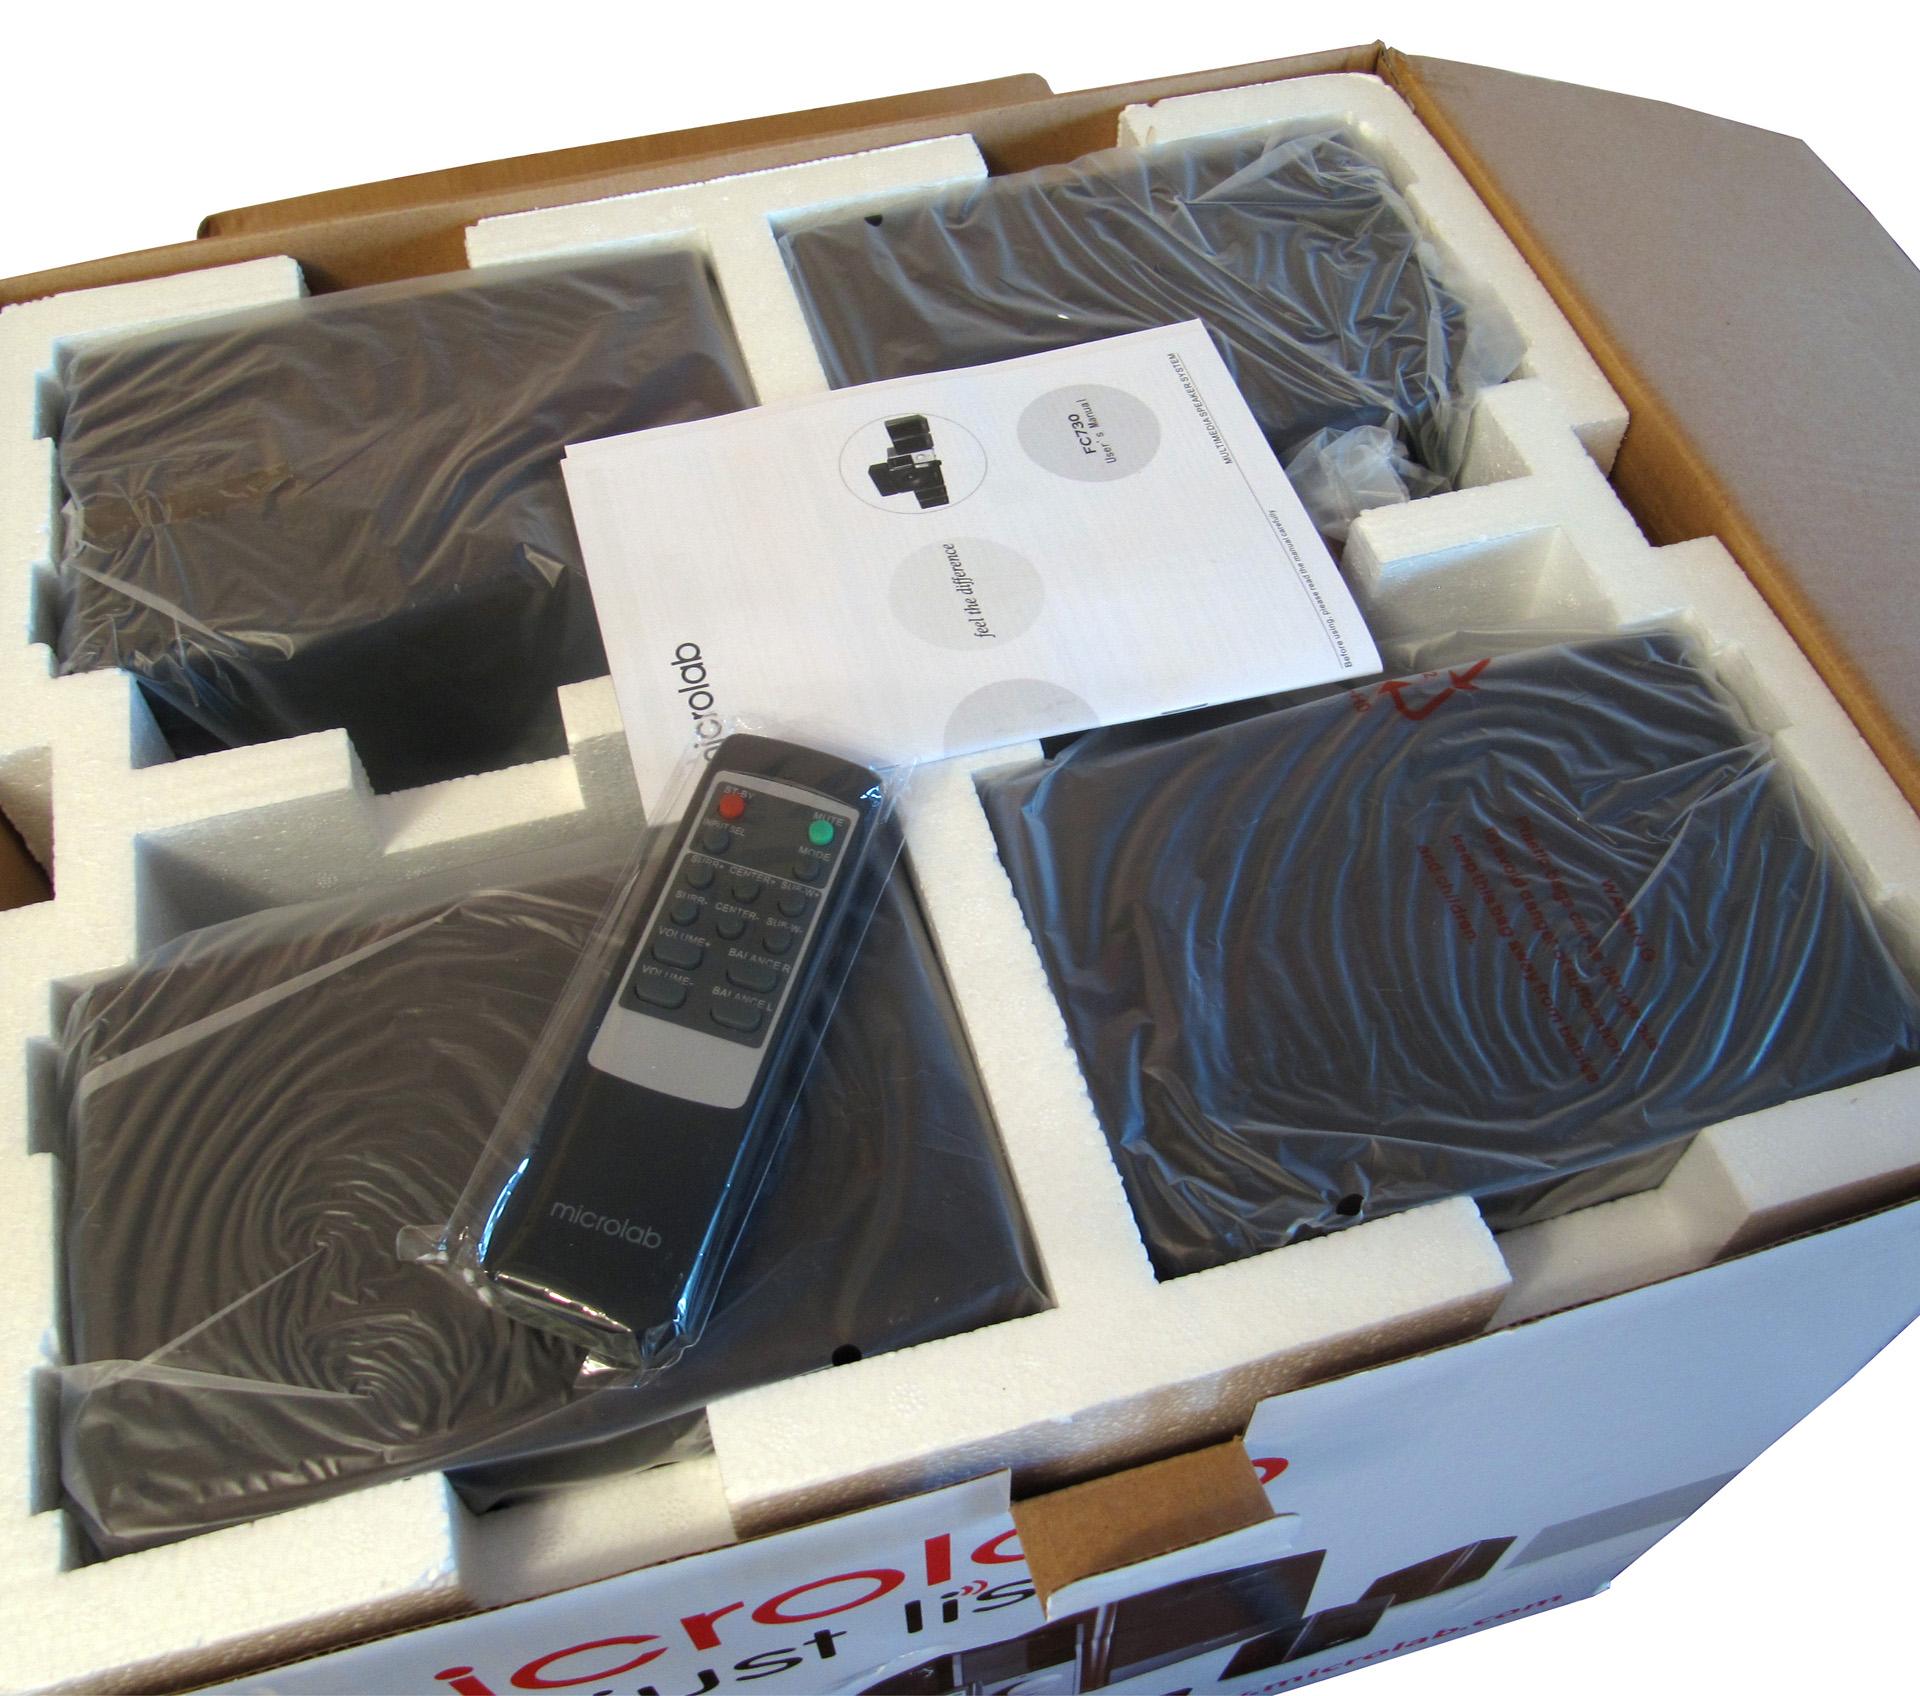 Prvi pogled – Microlab zvučnici